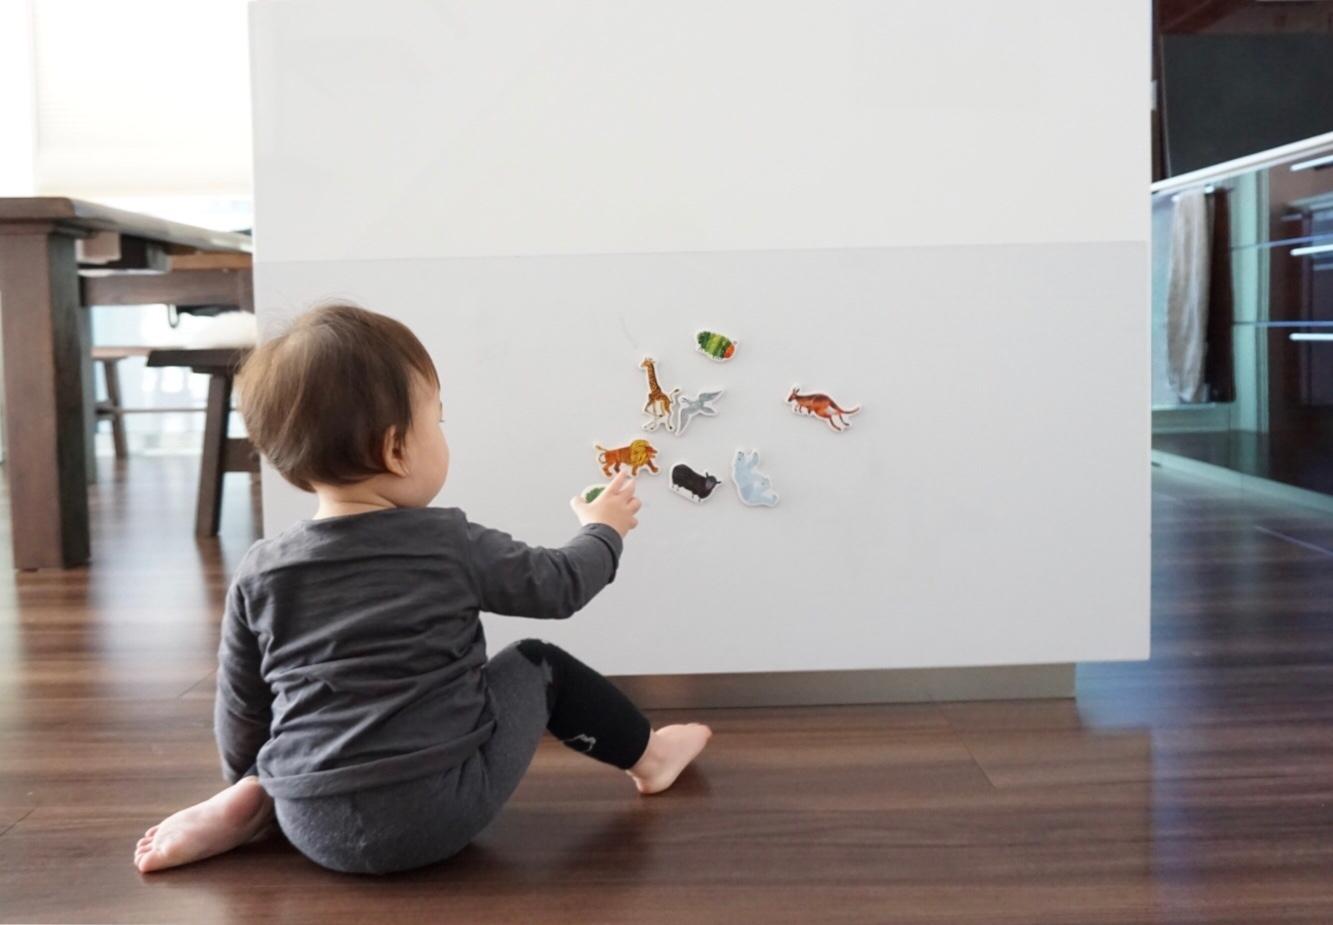 マグネットシート 磁石が壁につく壁紙 マグカベ シール付き 48cm 1m マグネットボード 掲示板 メモボード インテリア 黒板 Magkabe Room 欲しい に出会える